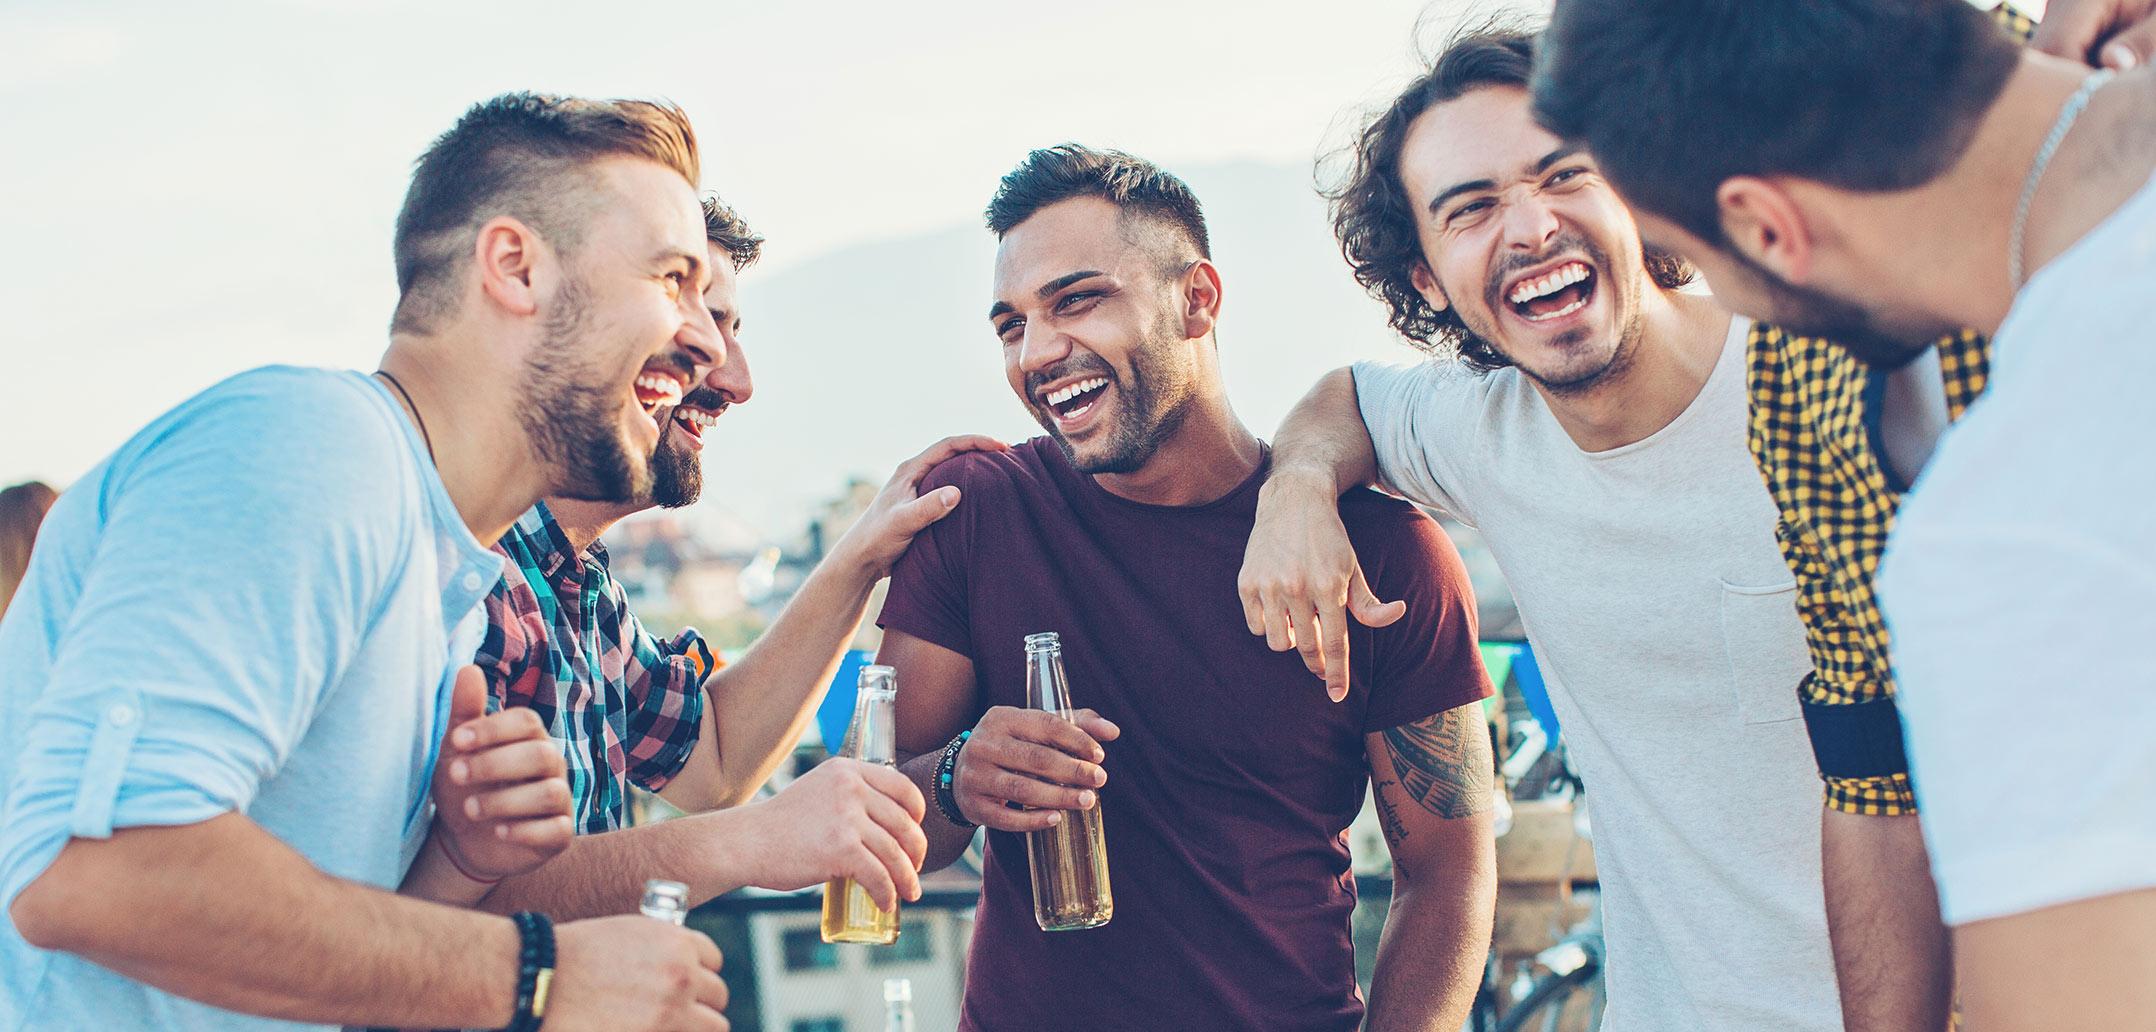 Männer feiern zusammen